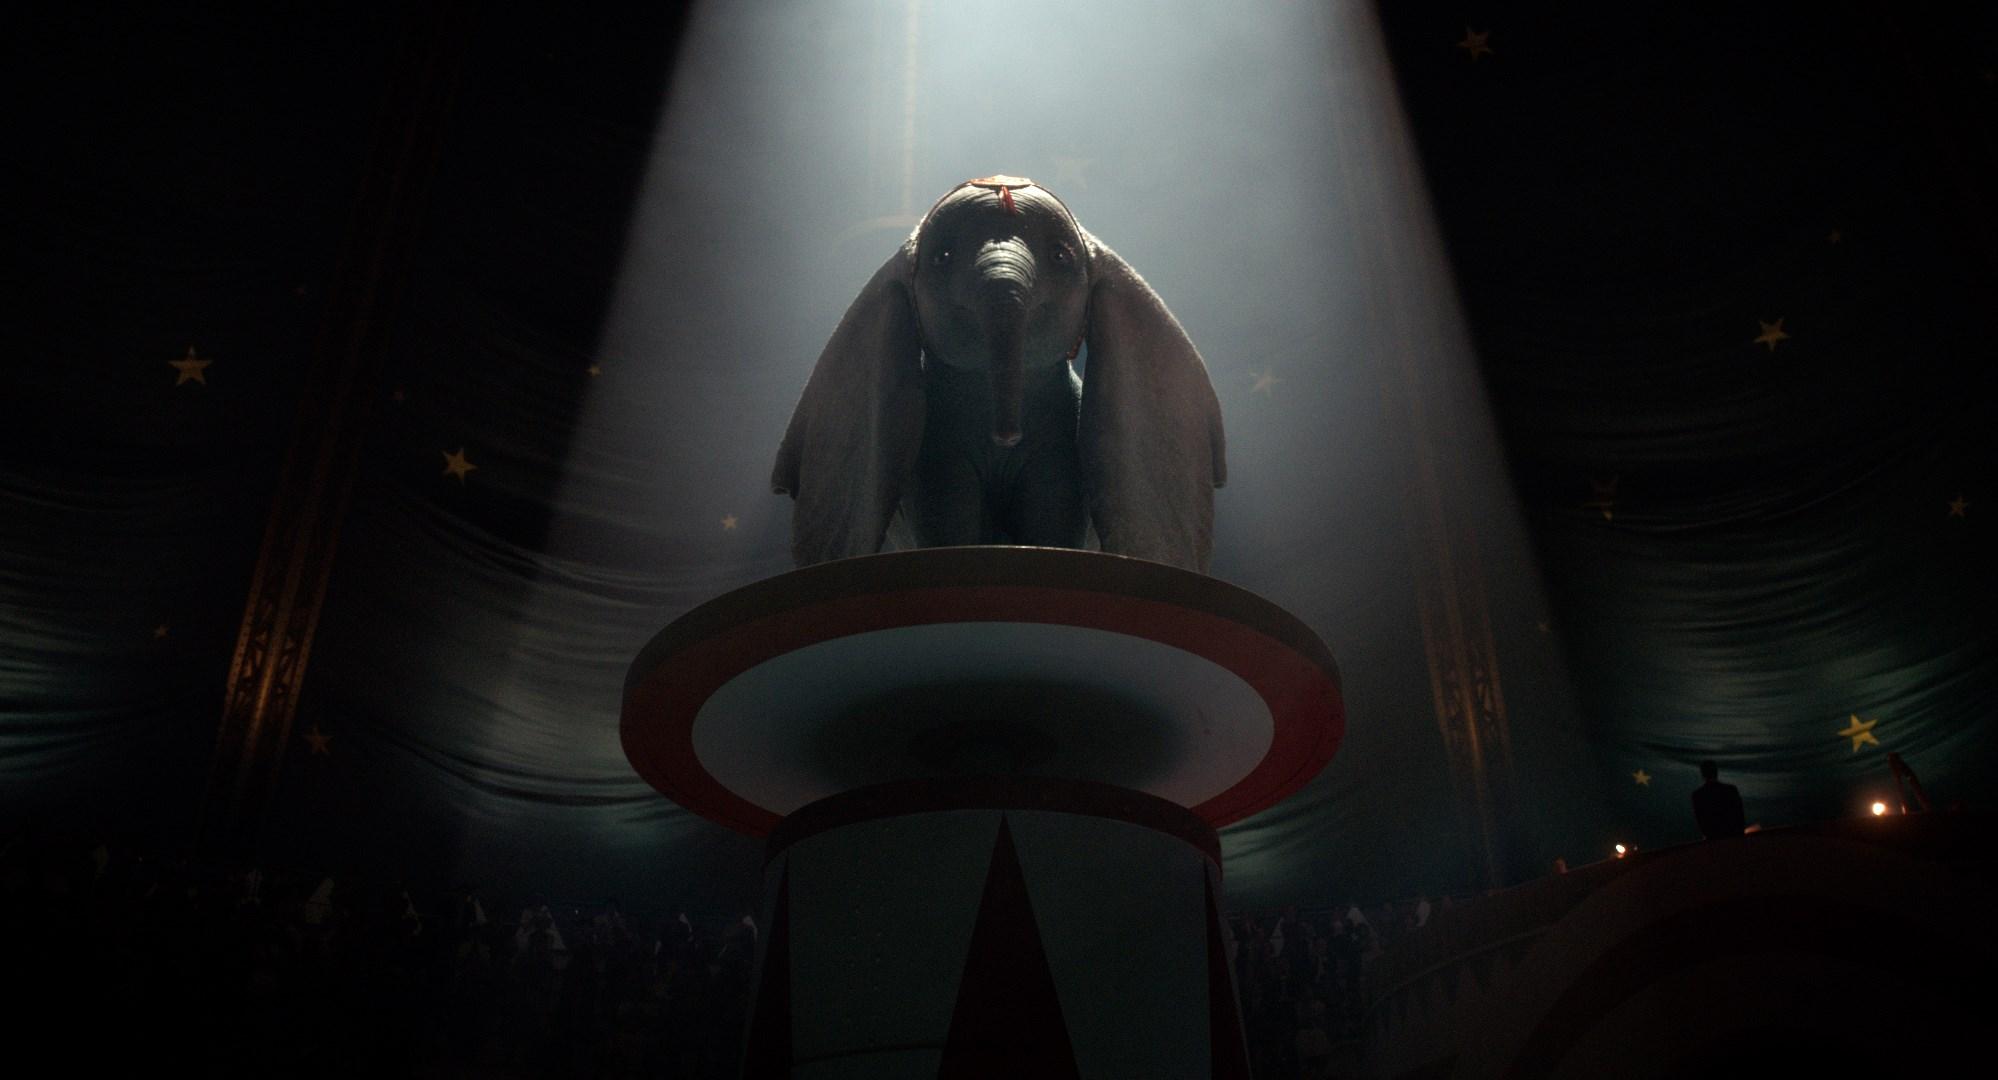 світлини із фильма Фільм - Дамбо